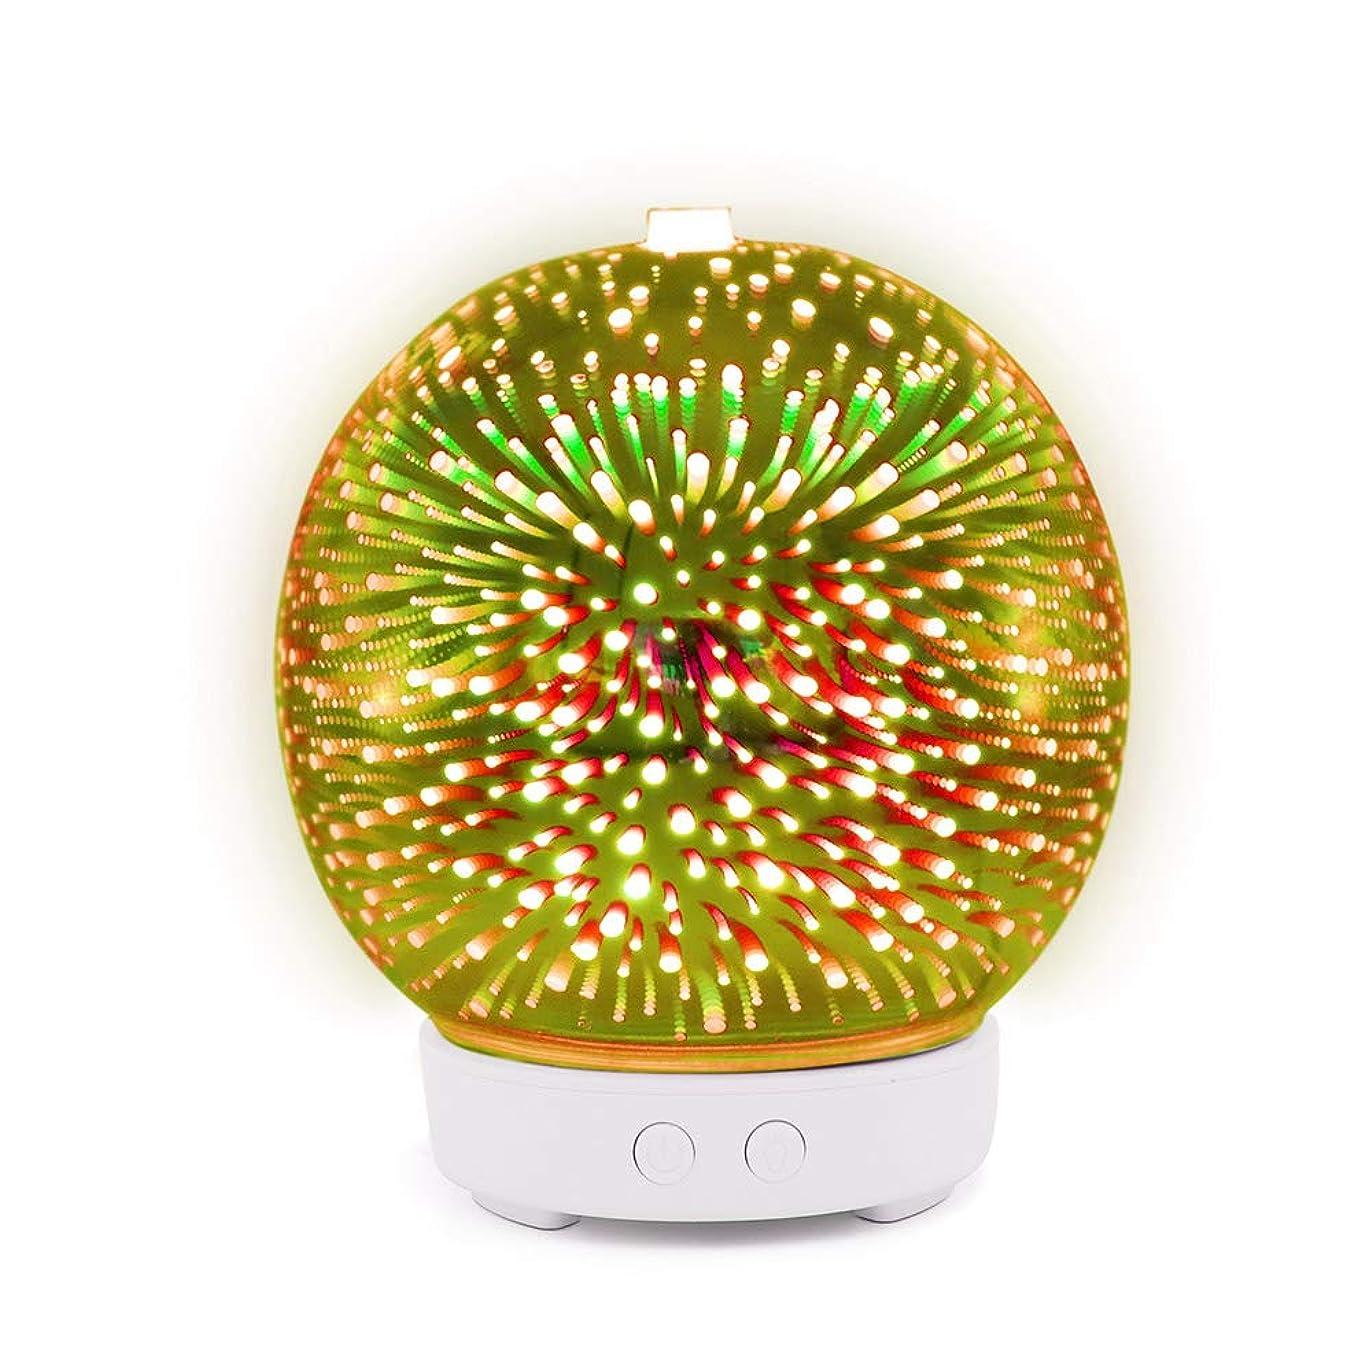 トラフ競争助手Decdeal アロマディフューザー 3D ガラス アロマセラピー 加湿器 7色LEDライト付き 自動シャットオフ